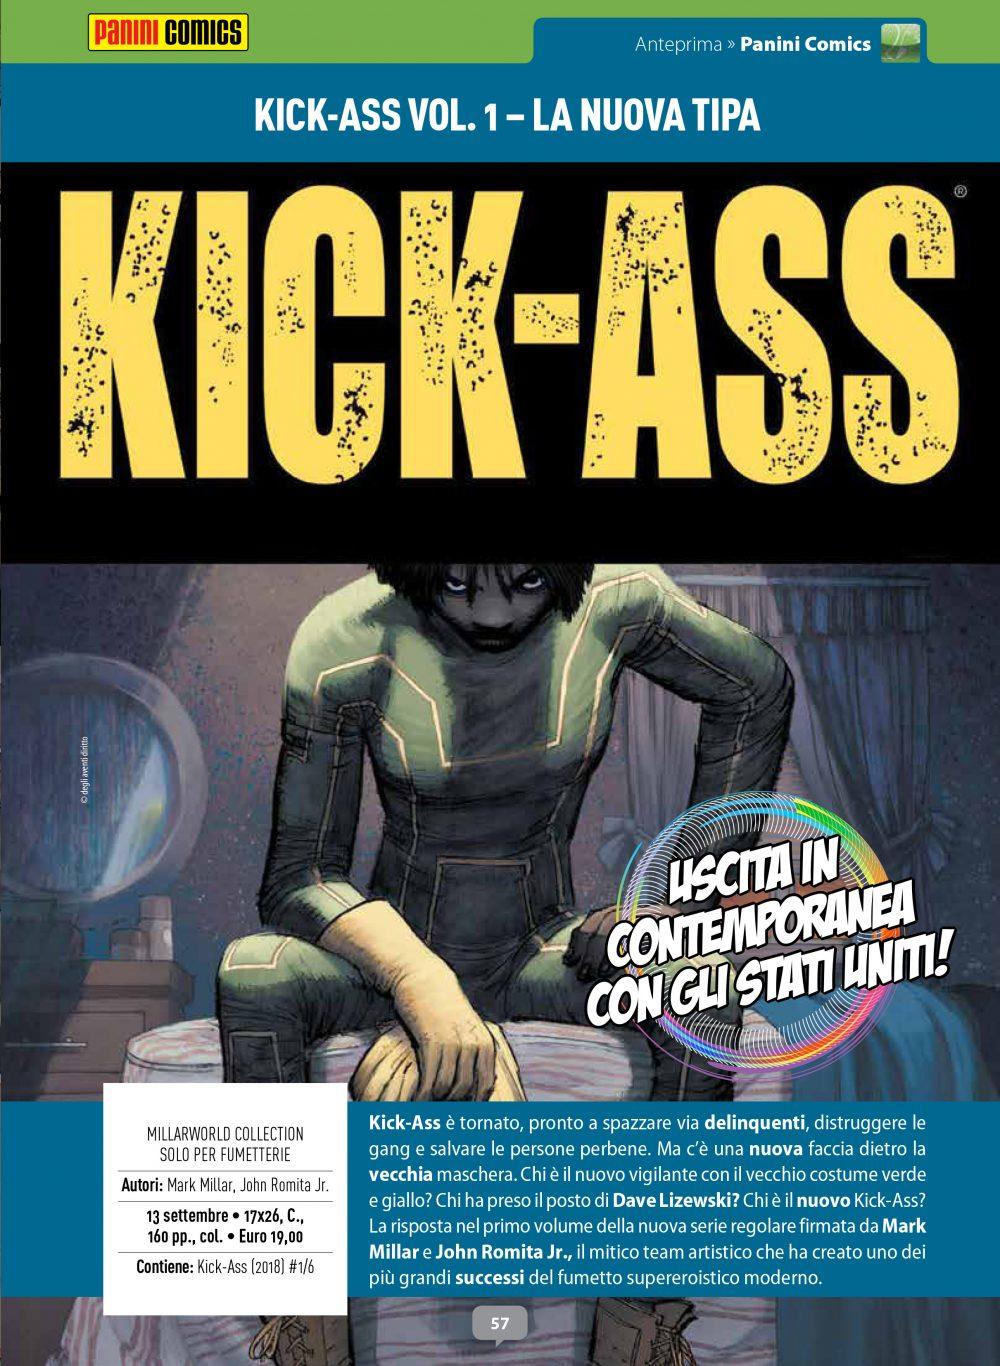 Kick-Ass vol. 1: La nuova tipa su Anteprima